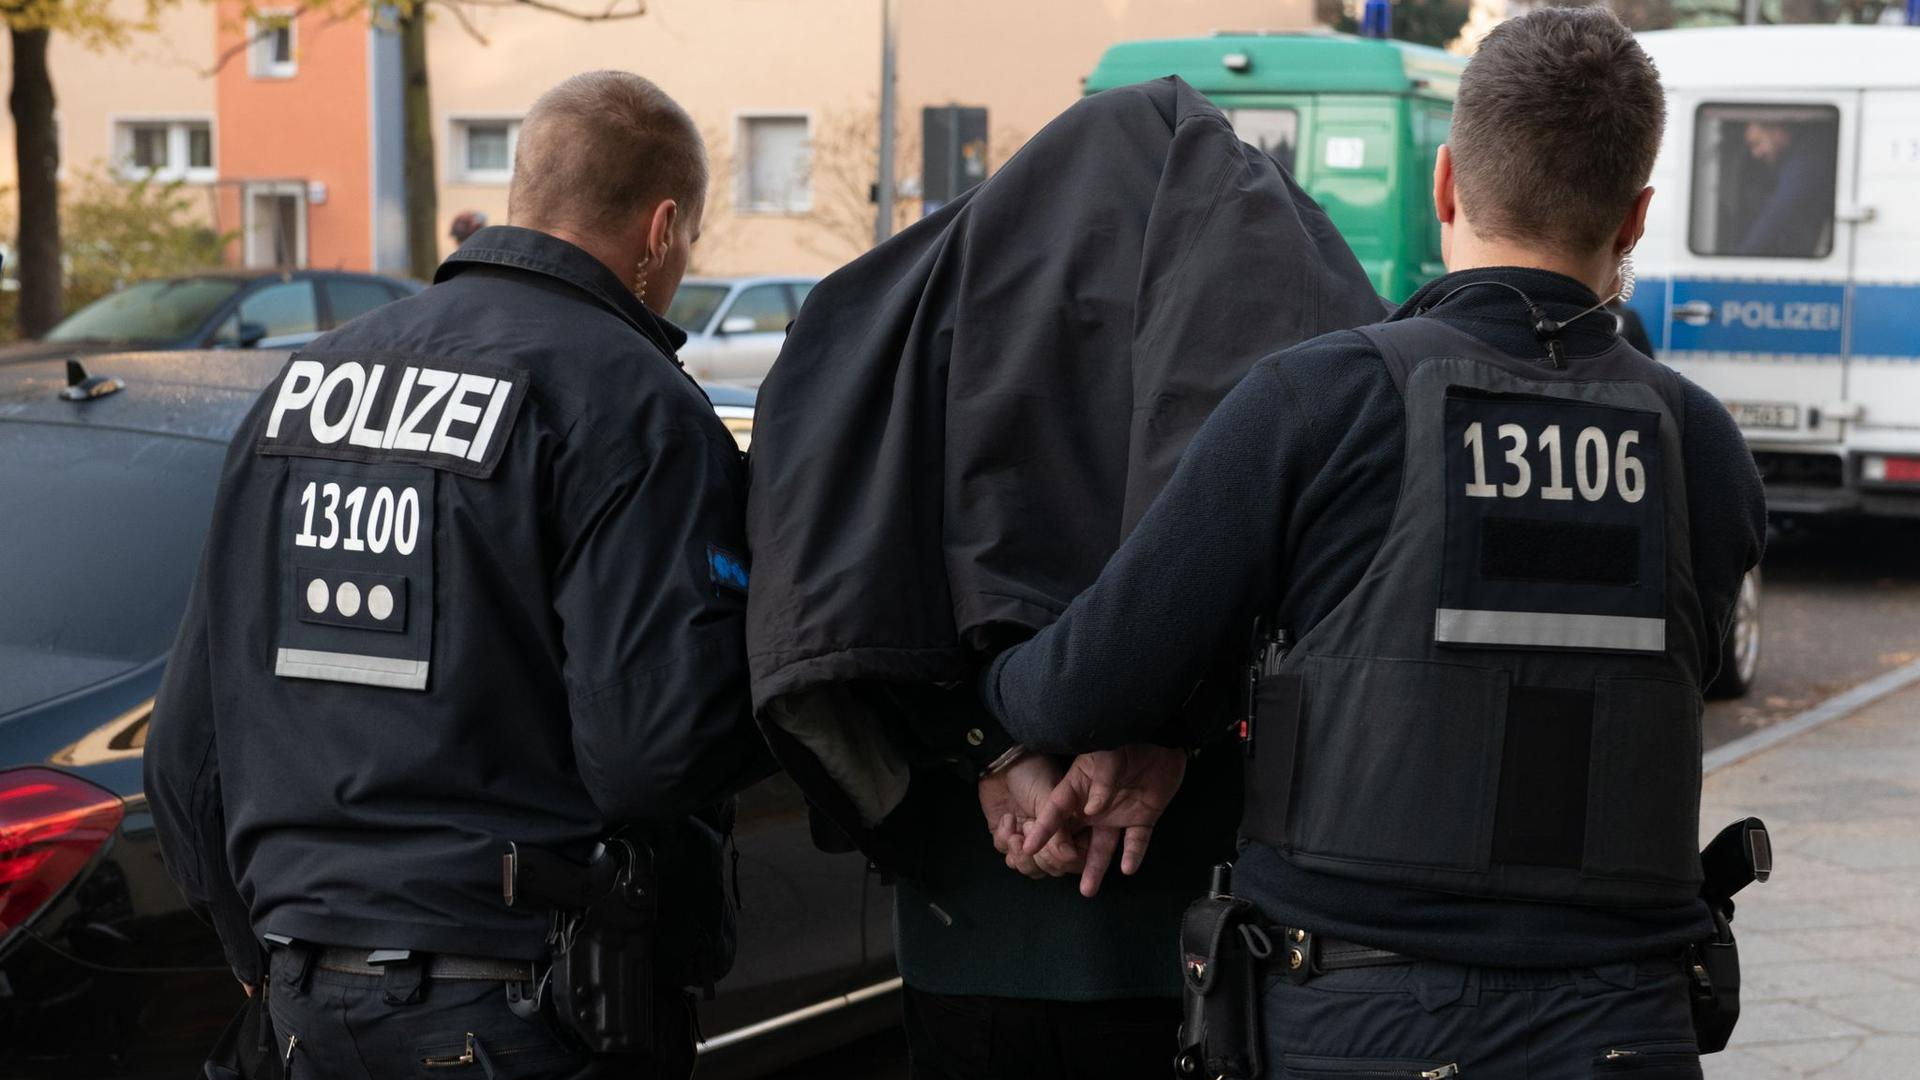 Polizeibeamte führen einen Mann nach einer Razzia in Berlin ab. Der Einsatz richtete sich gegen kriminelle Clan-Mitglieder.